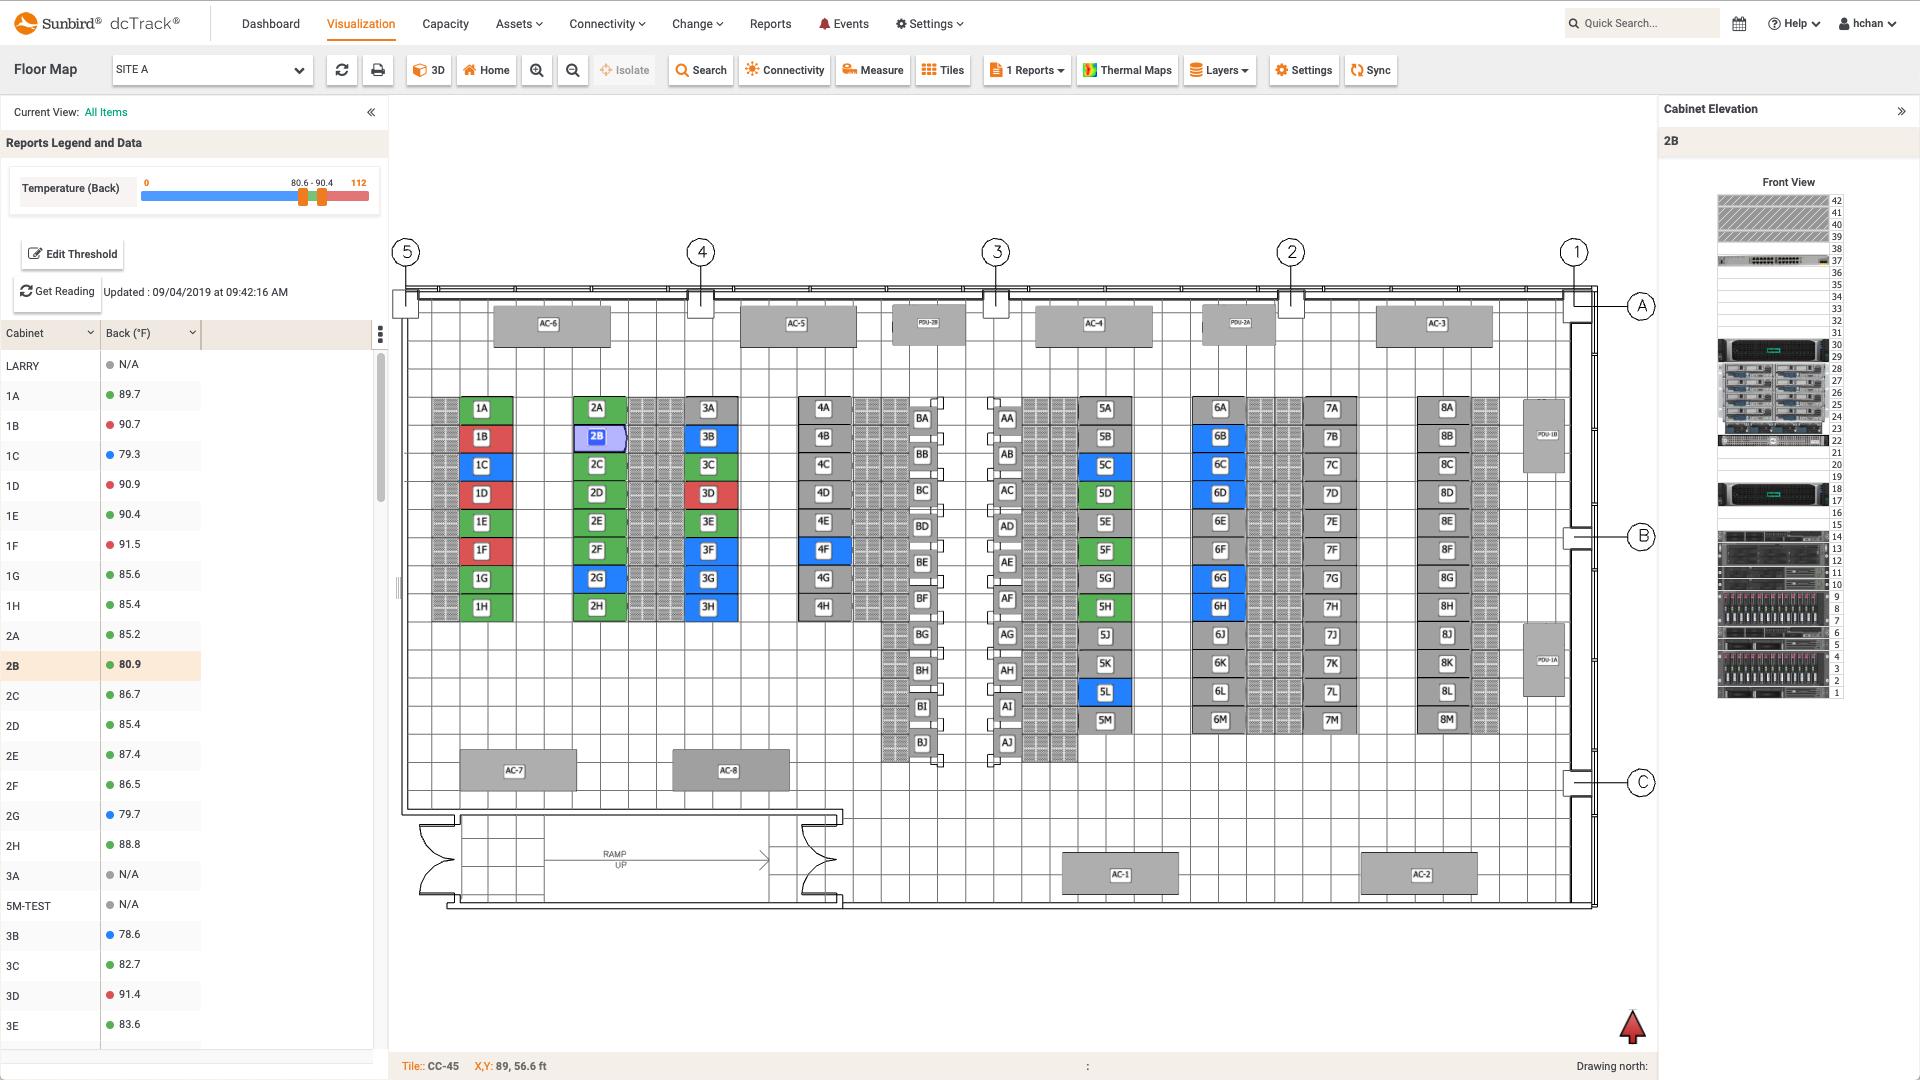 Screenshot of Max Temperature per Cabinet (Rear) Floor Map Report